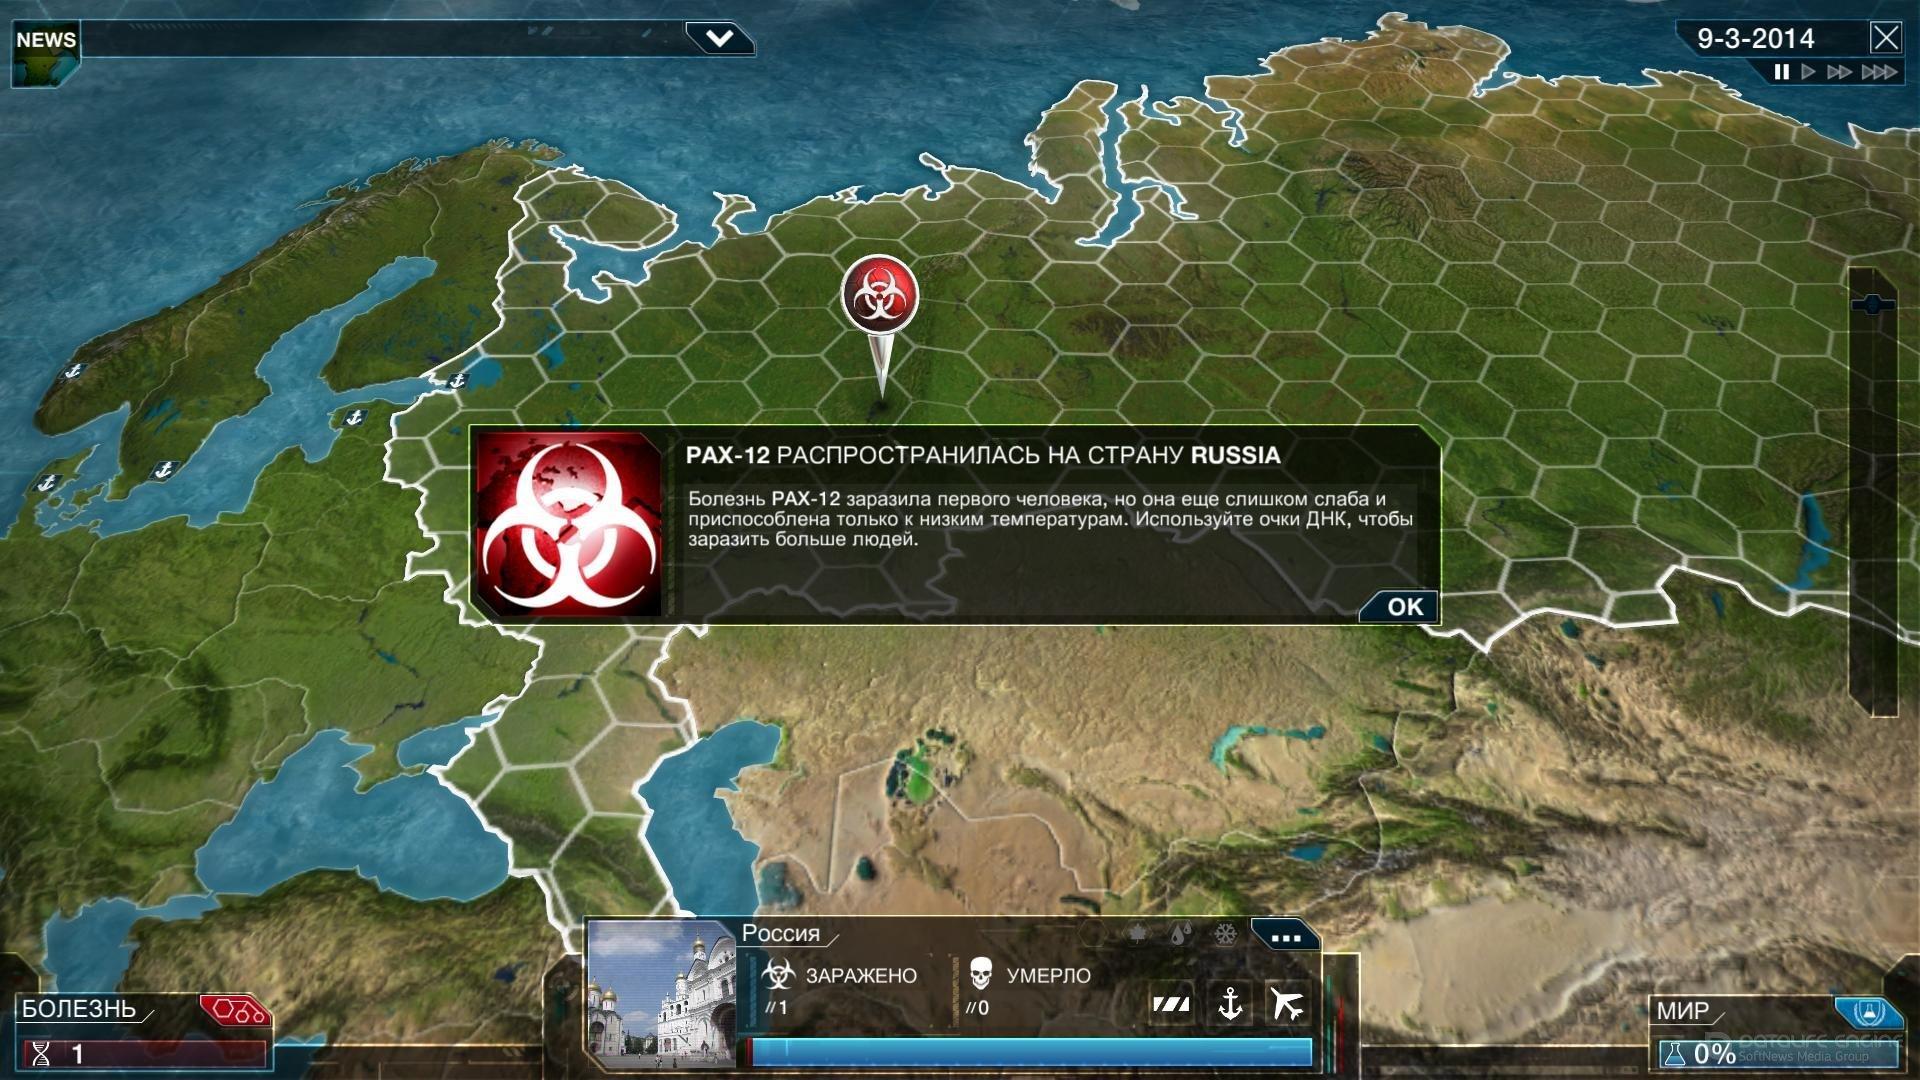 Скриншот к игре Plague Inc: Evolved v.1.18.1.1 [Portable] (2016) скачать торрент Лицензия